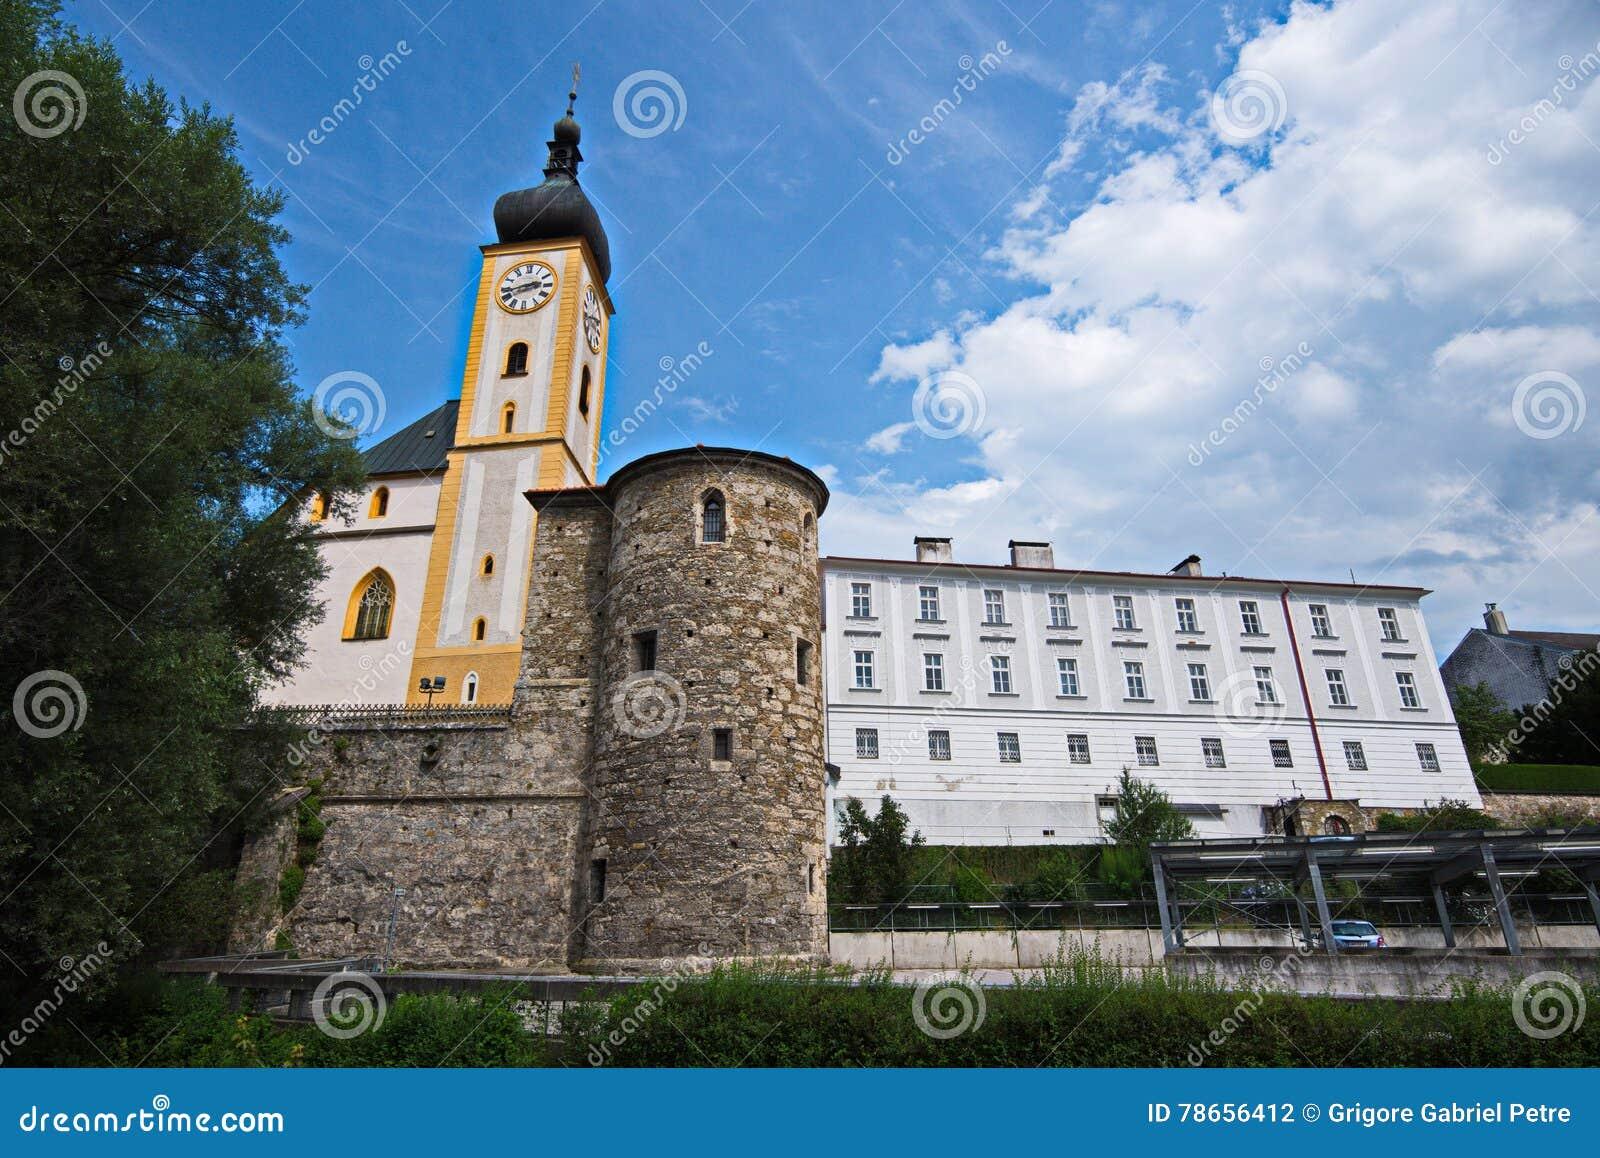 Schloss Rothschild - Kasteel in Oostenrijk